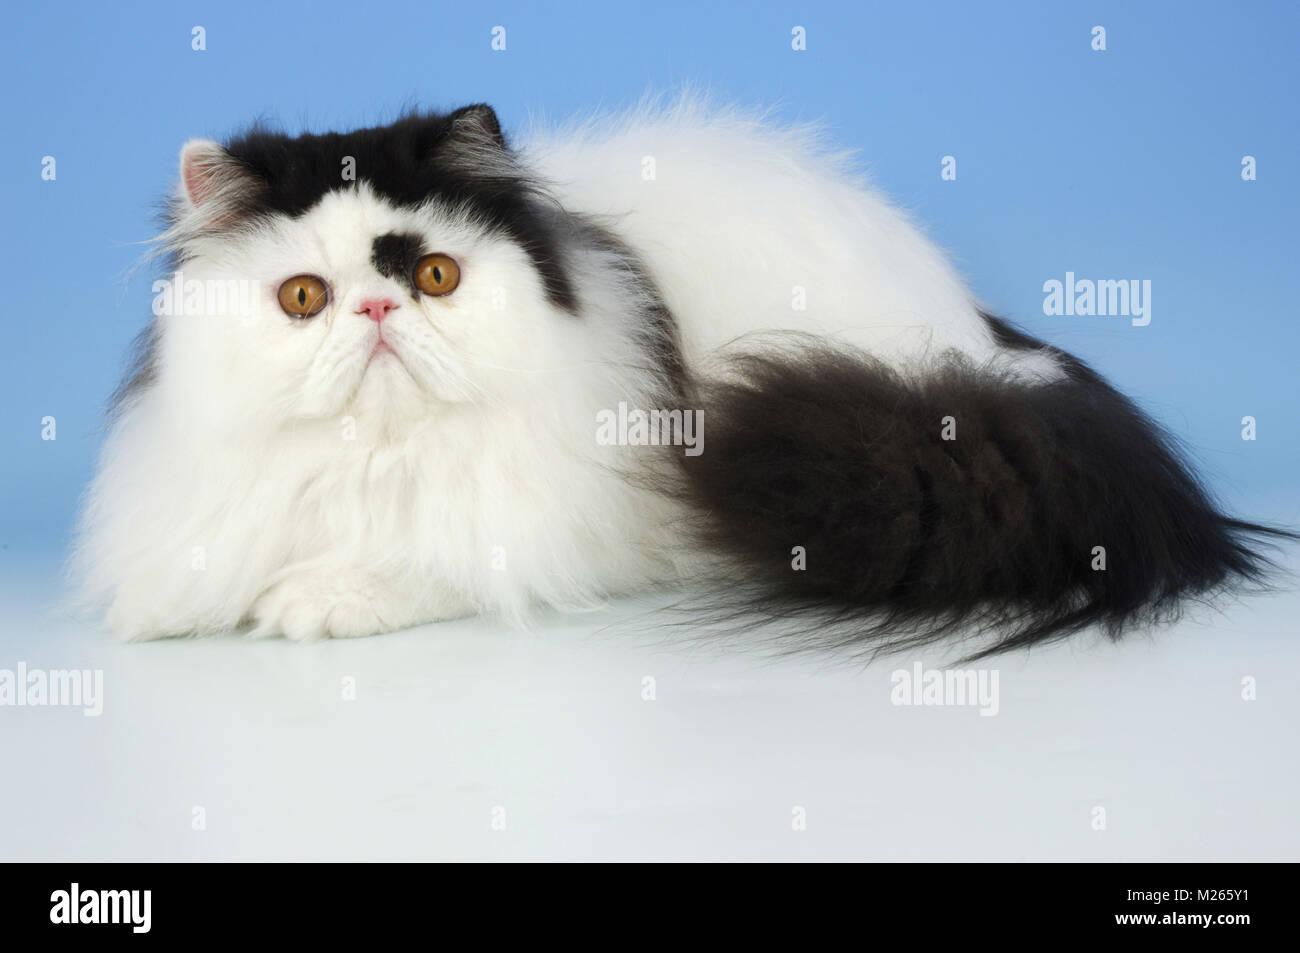 Bi Colore Bianco E Nero Gatto Persiano Sdraiato Foto Immagine